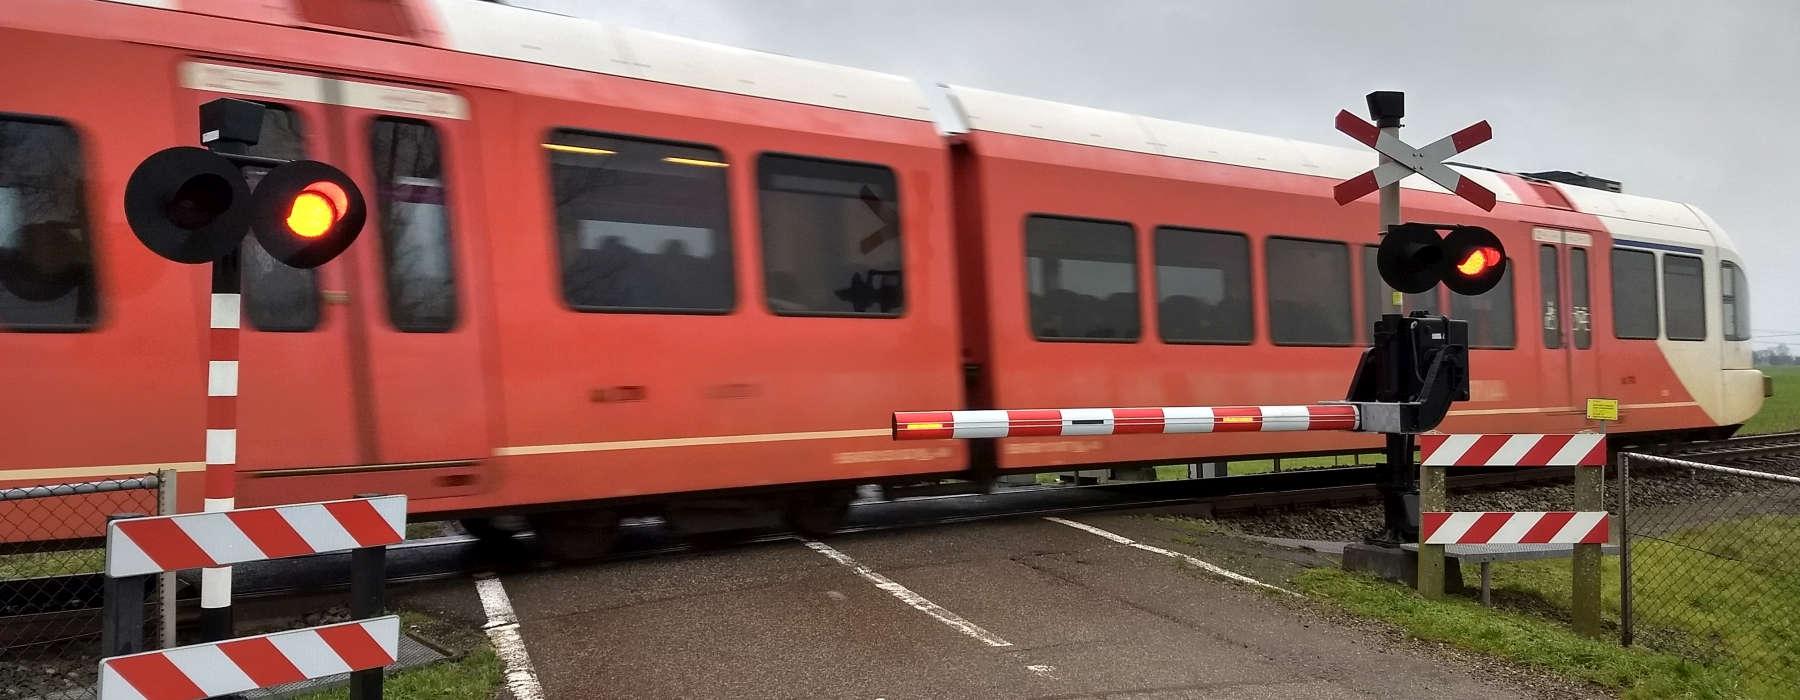 Nijs FNP - Ferfier yn Fryslan - Reade Arriva trein